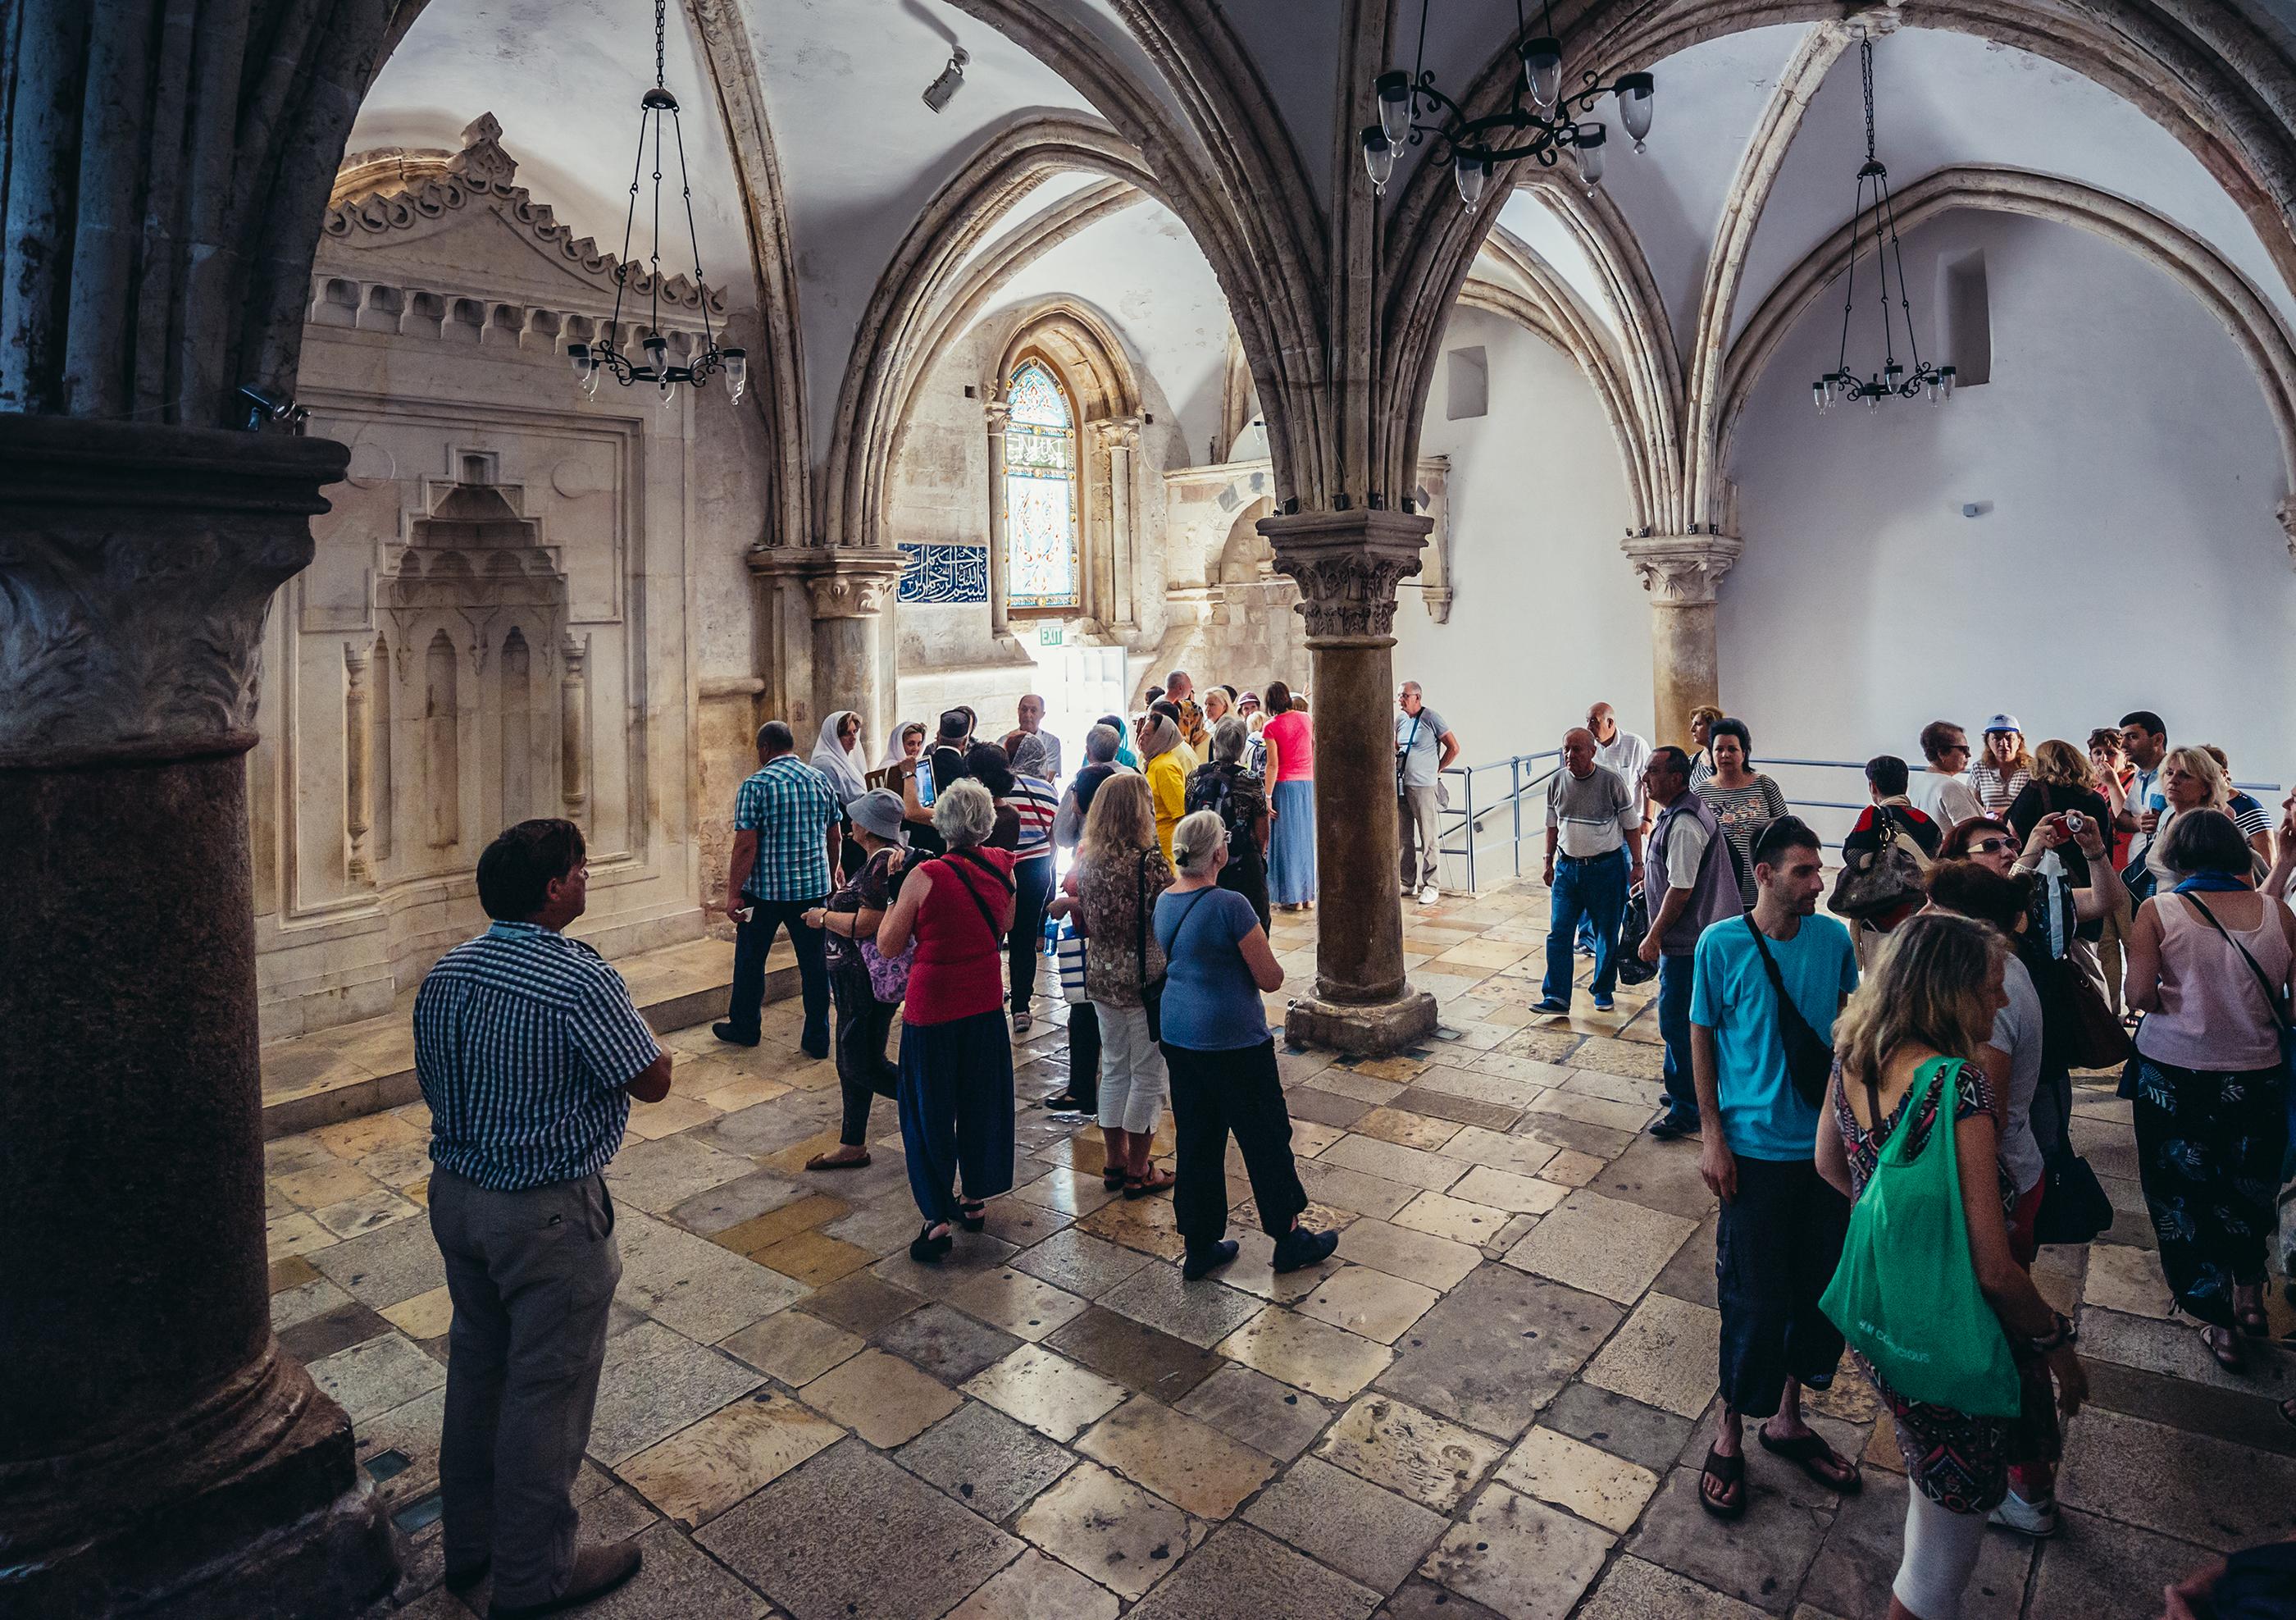 O Cenáculo, lugar onde ocorreu a Última Ceia de Jesus com seus apóstolos - Foto: fotokon/Shutterstock.com